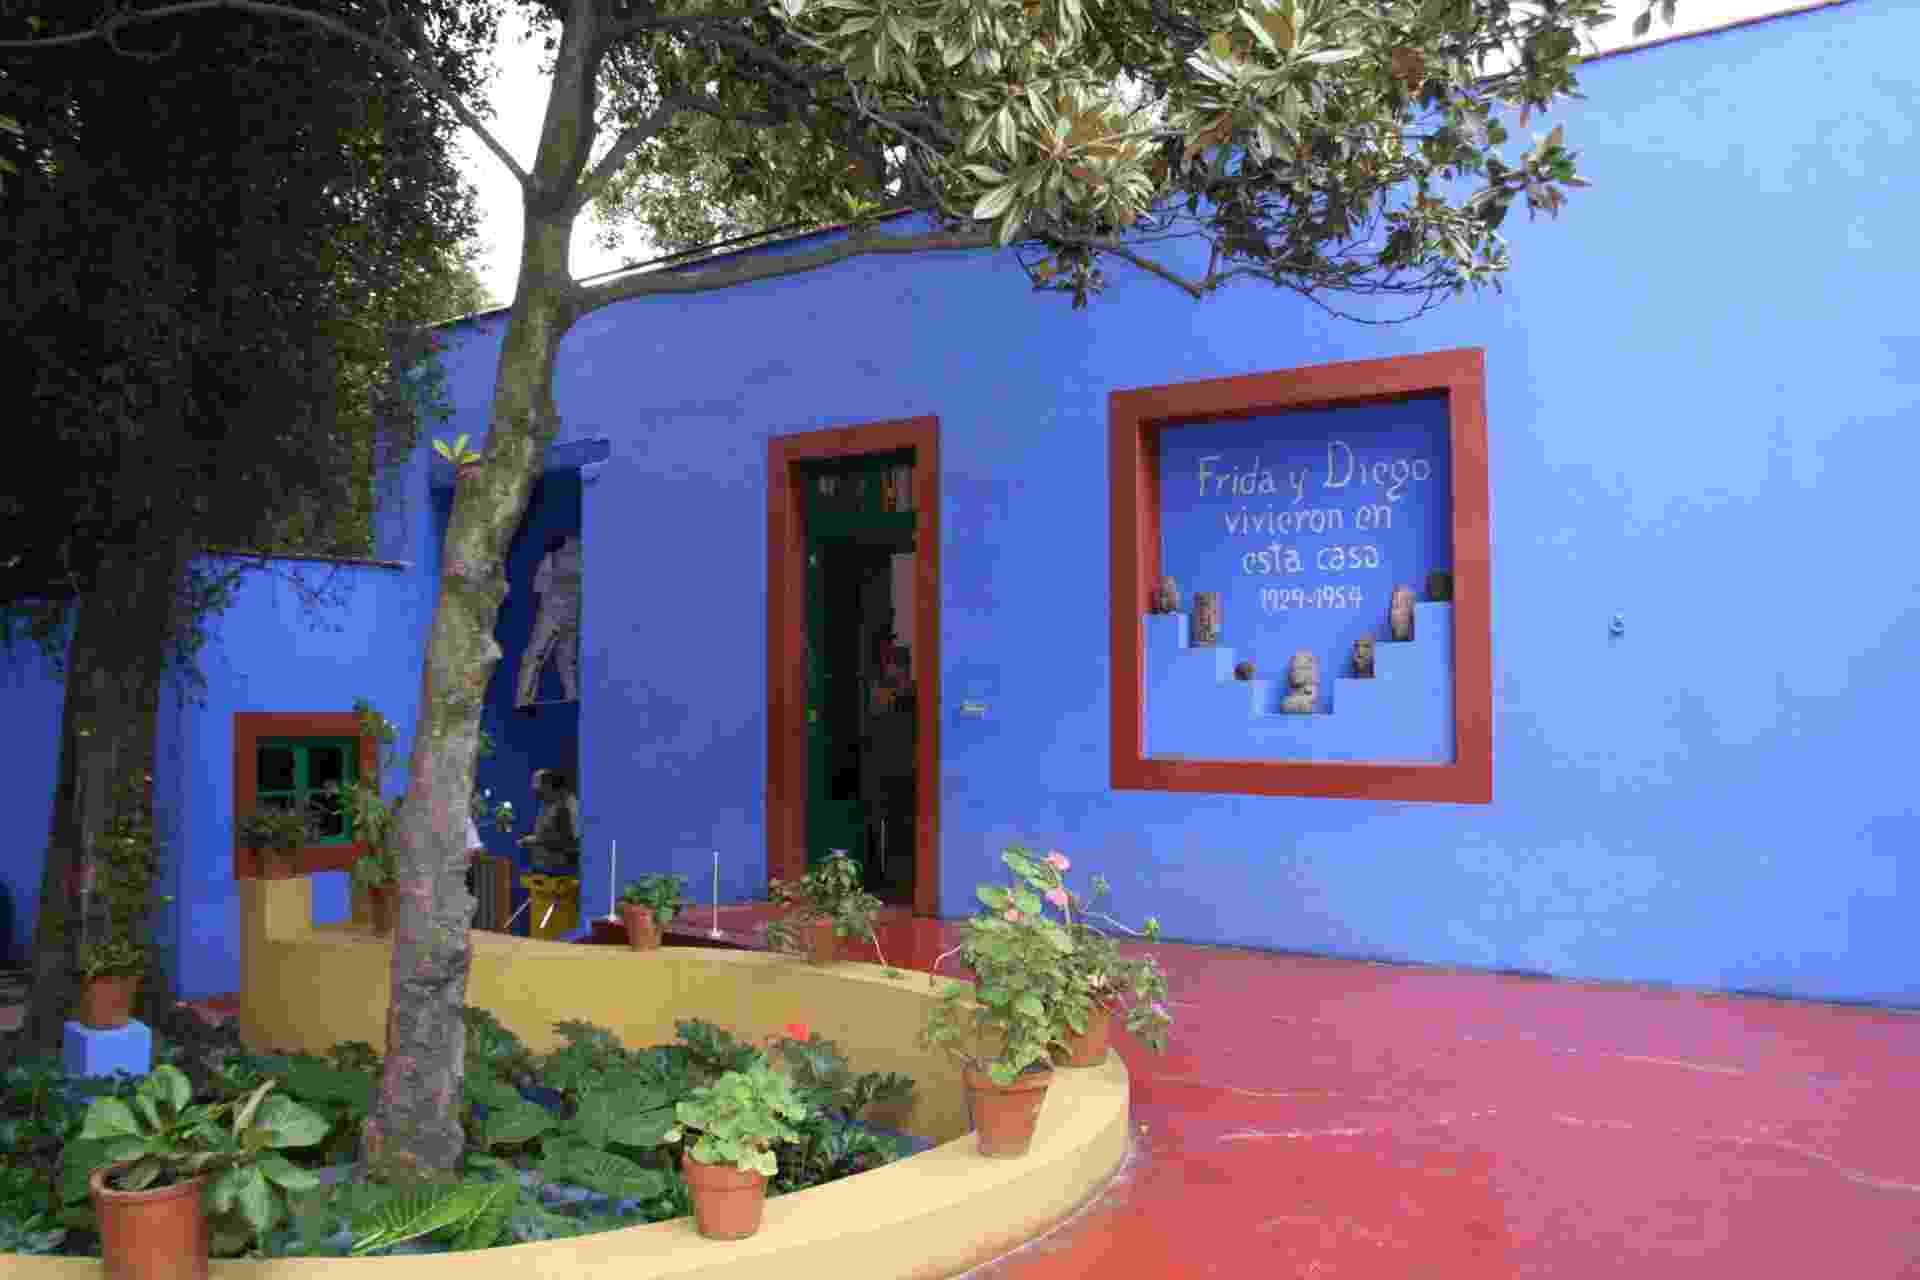 Museu Casa Azul, Cidade do México: O conturbado e passional relacionamento entre Frida Kahlo e Diego Rivera é latente nos imóveis nos quais o casal de artistas viveu. O mais famoso deles é a Casa Azul de Frida, hoje convertido em museu, no bairro de Coyoacán, na Cidade do México. Ainda que tenha vivido com Diego também em outros lugares, foi ali que Frida nasceu e morreu, e hoje vários objetos e fotos que fizeram parte da vida em comum do casal estão expostos em seus aposentos - Mari Campos/UOL